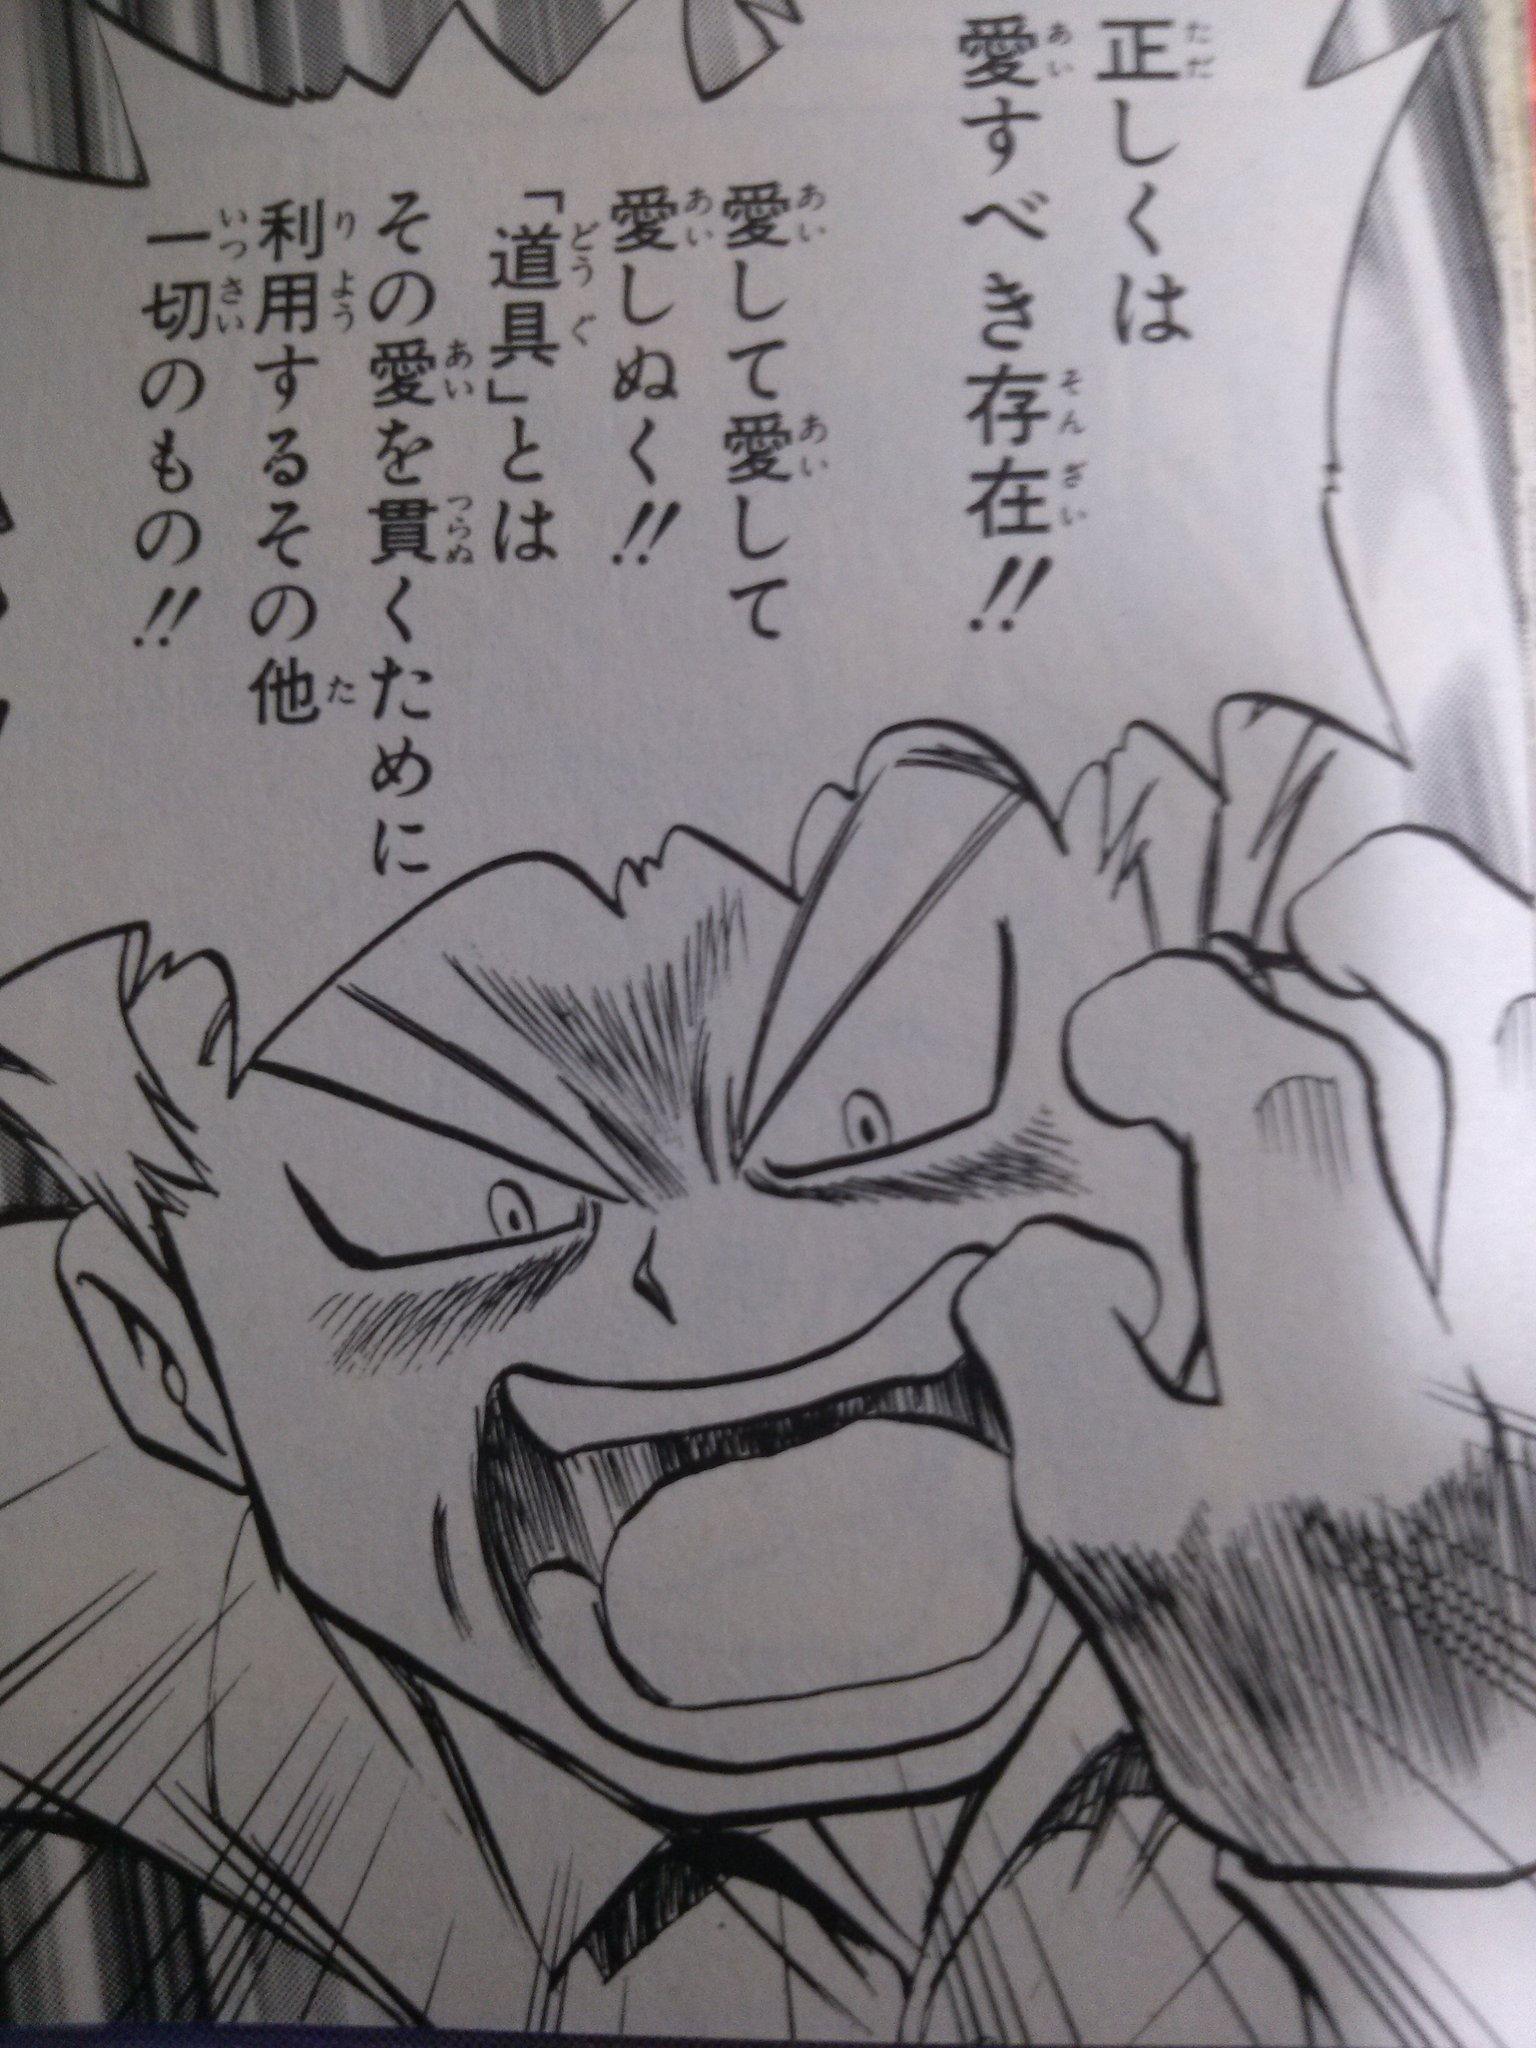 「ポケモンは道具だ」サカキの言葉に傷付いていると思いきや、笑顔なミュウツーの理由が可愛すぎる